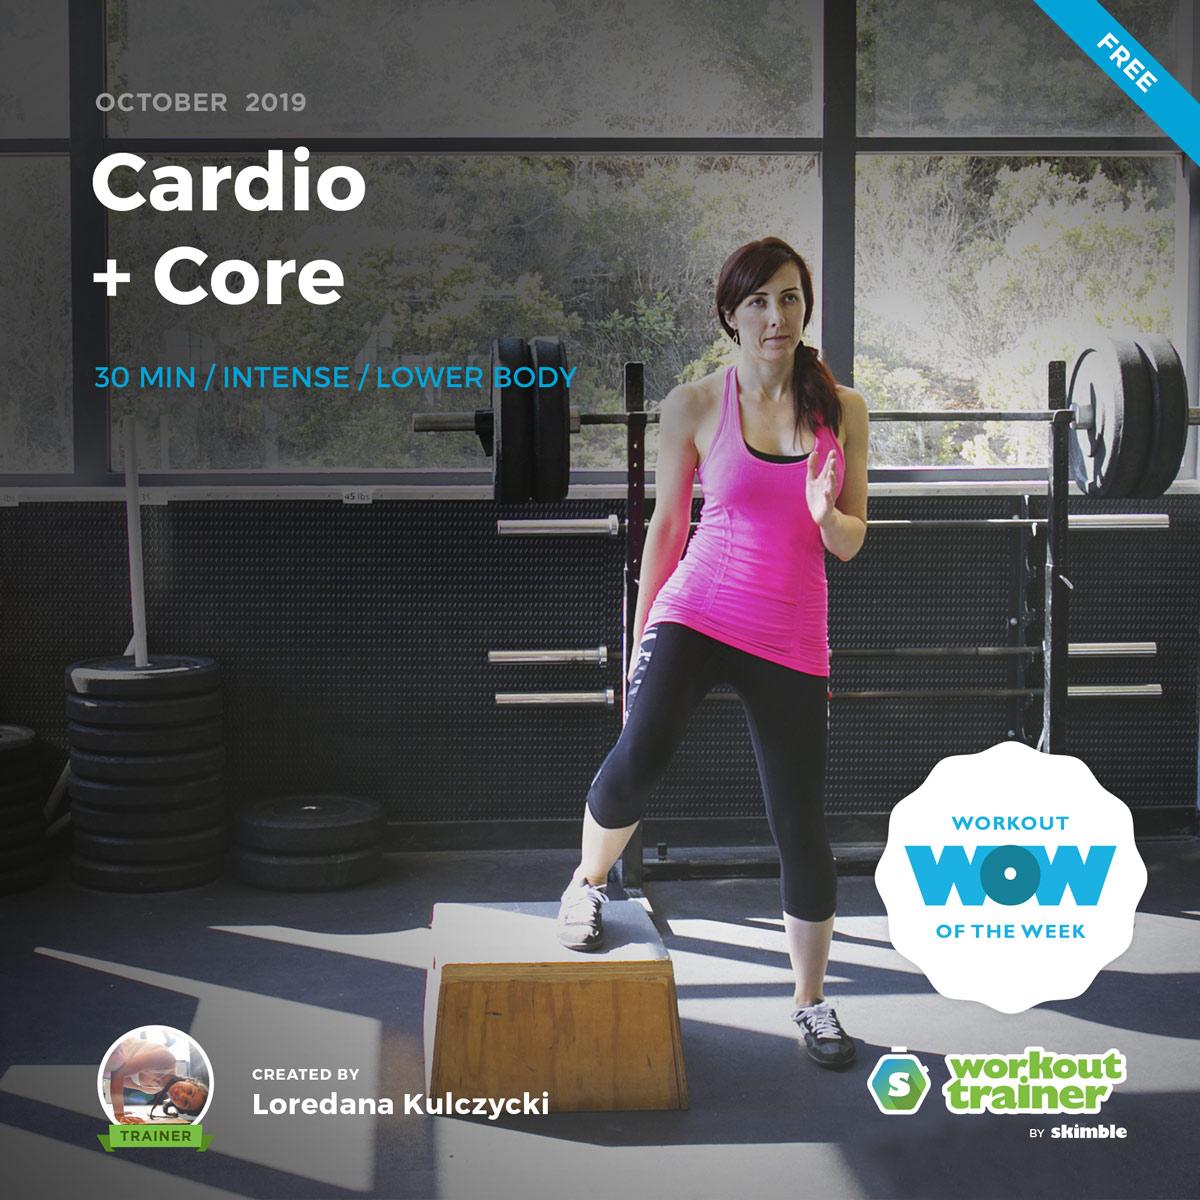 Workout Trainer by Skimble: Free Workout of the Week: Cardio + Core by Loredana Kulczycki